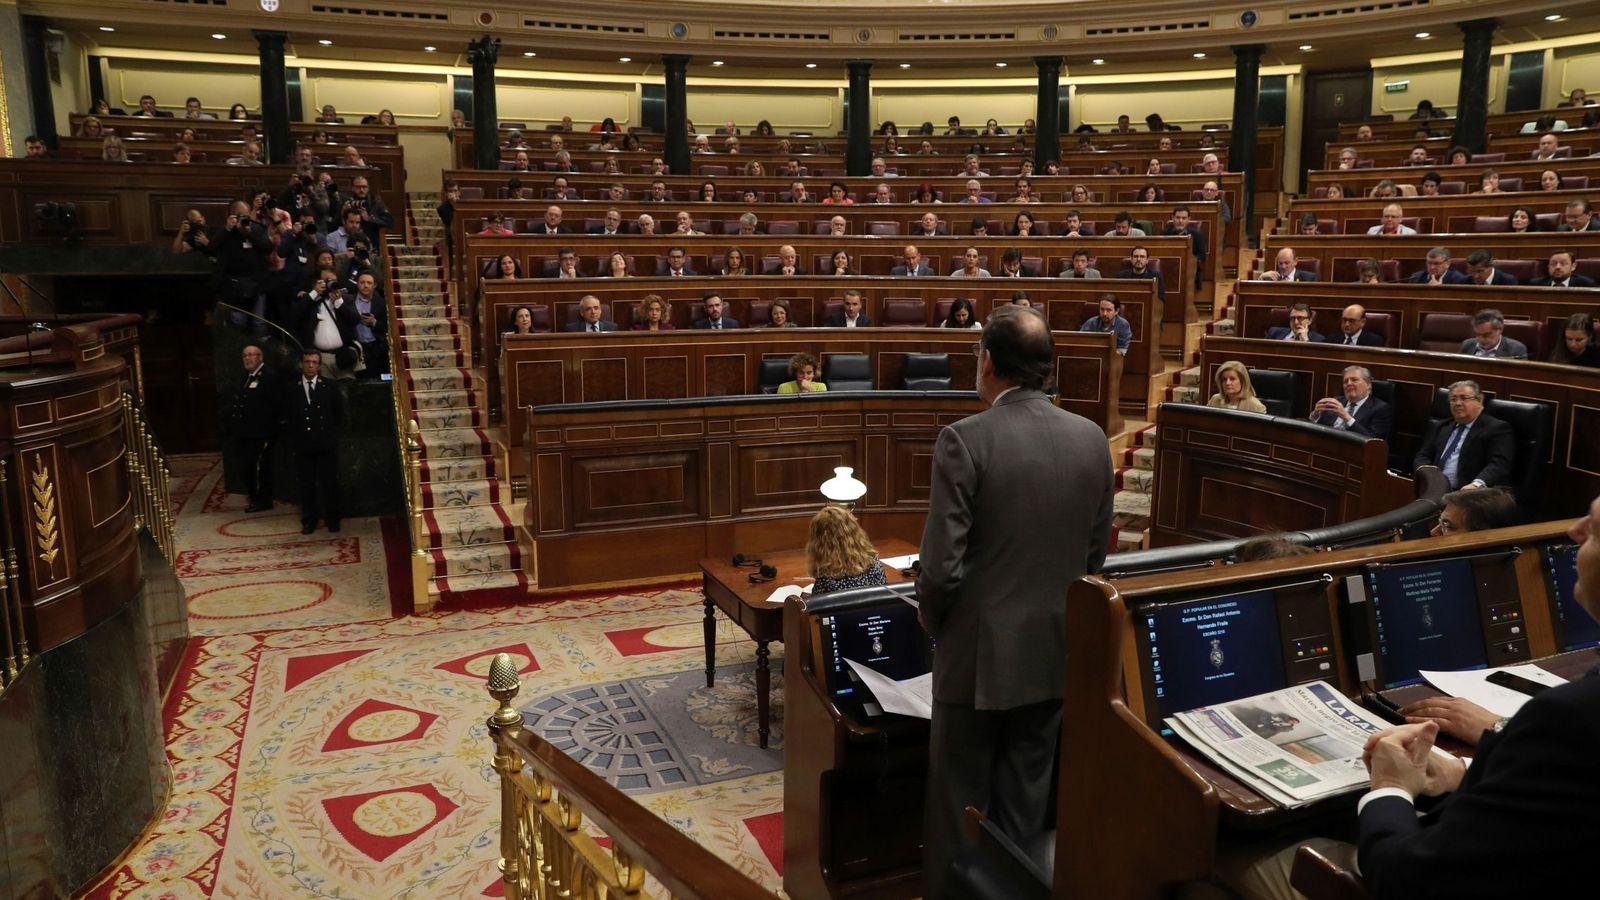 Foto: Mariano Rajoy se dirige al Congreso en una imagen de archivo. (EFE)